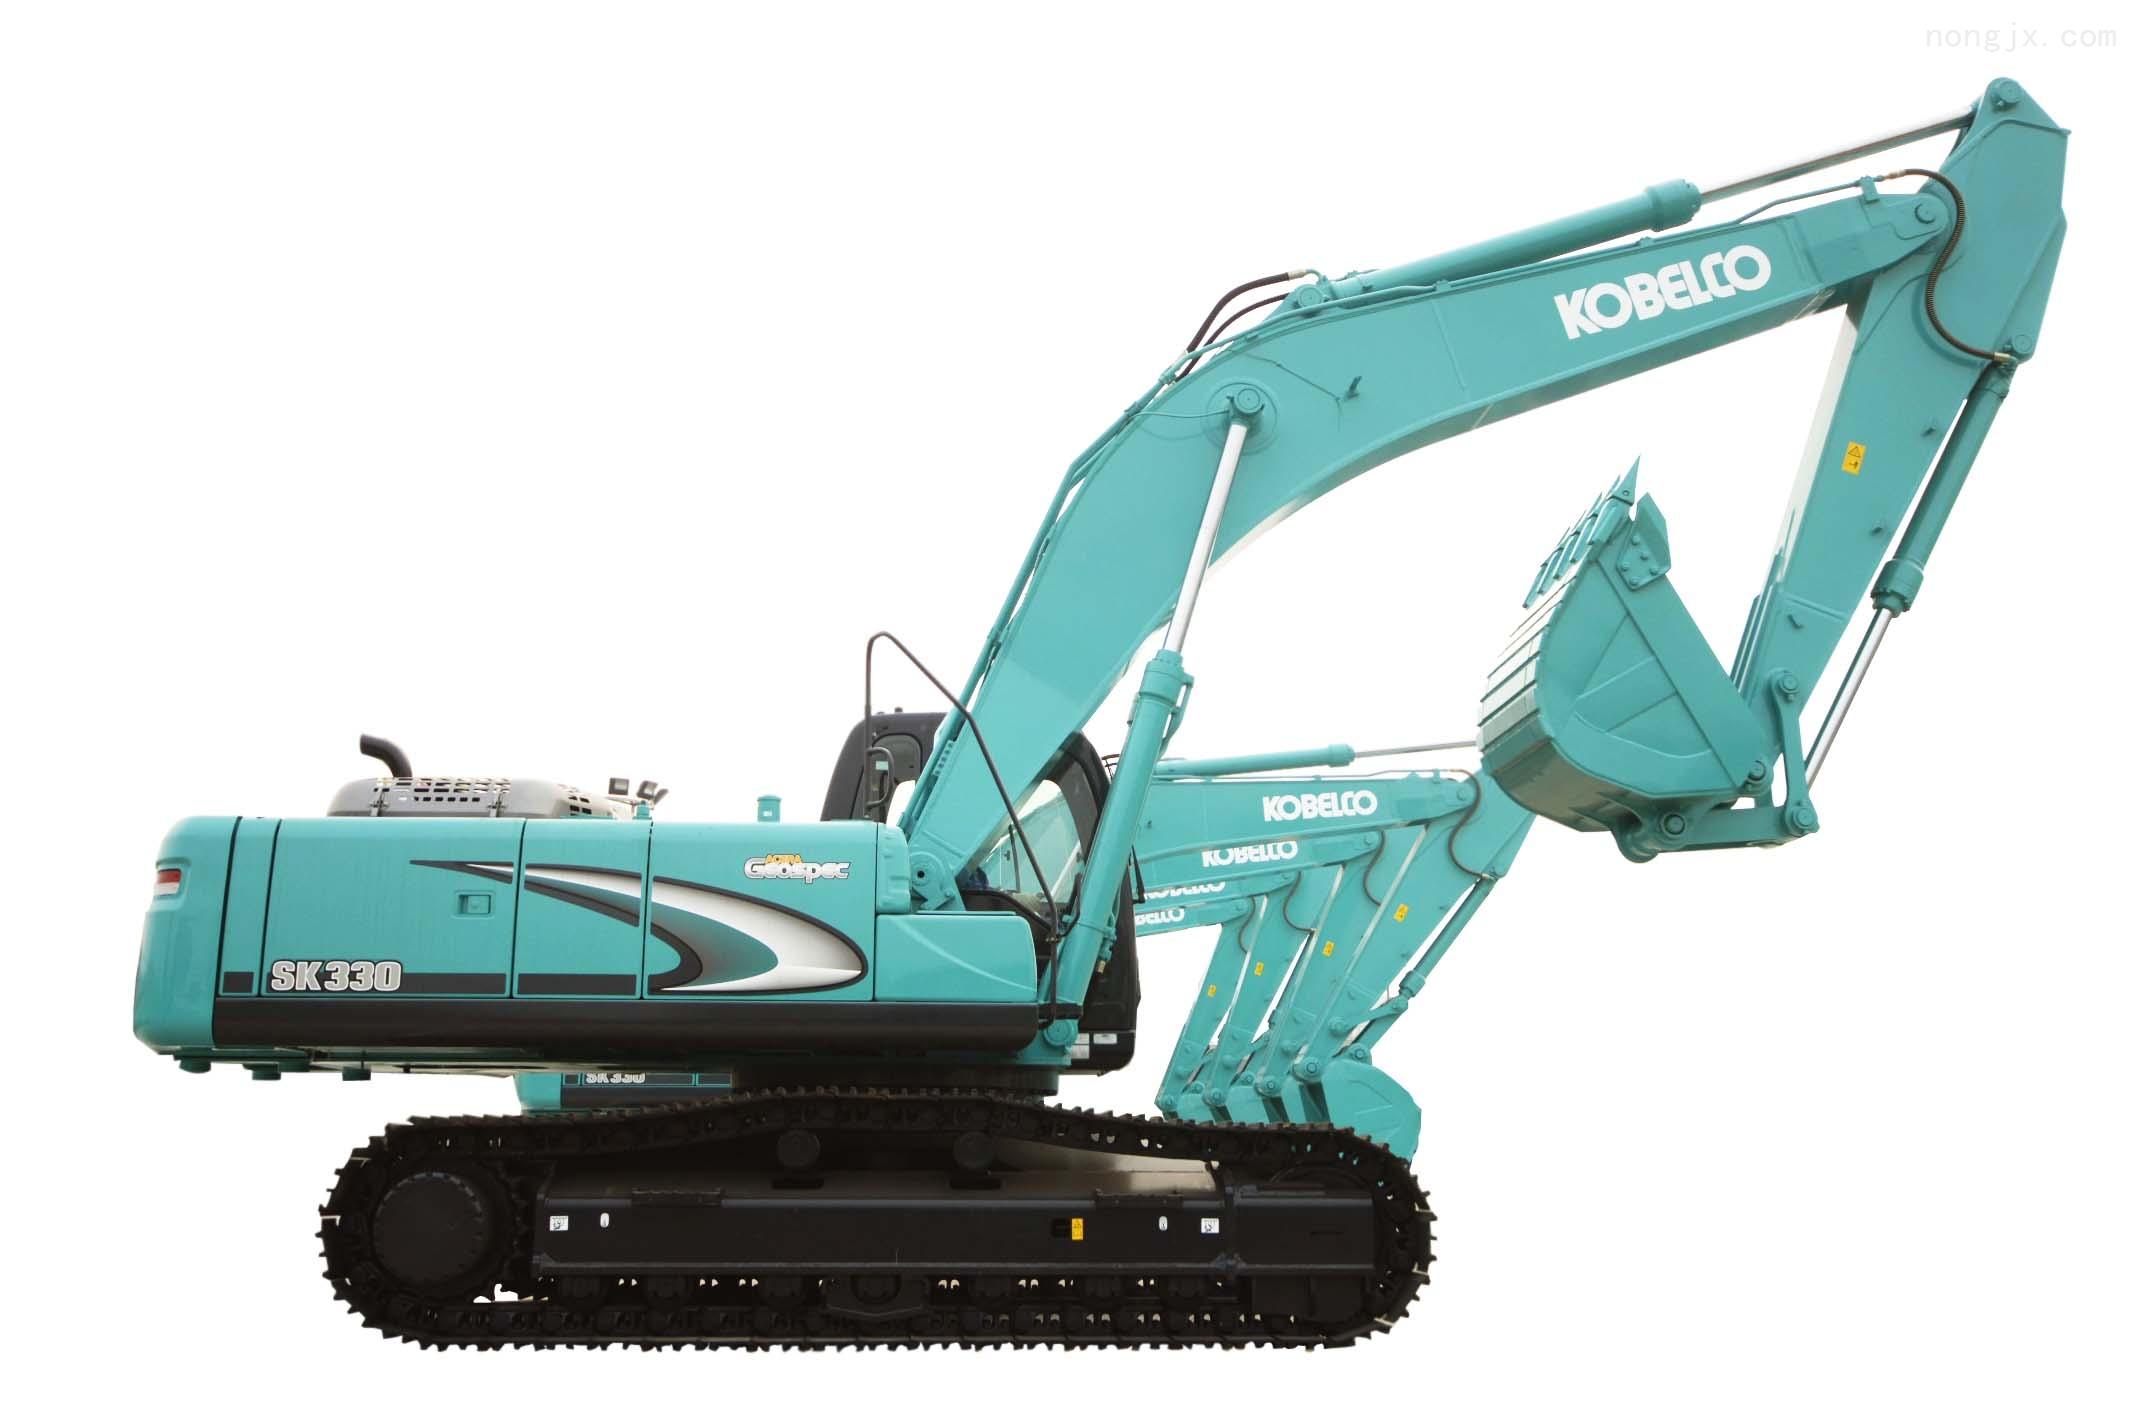 国产二手现代挖掘机车况性能良好无大修13816405848